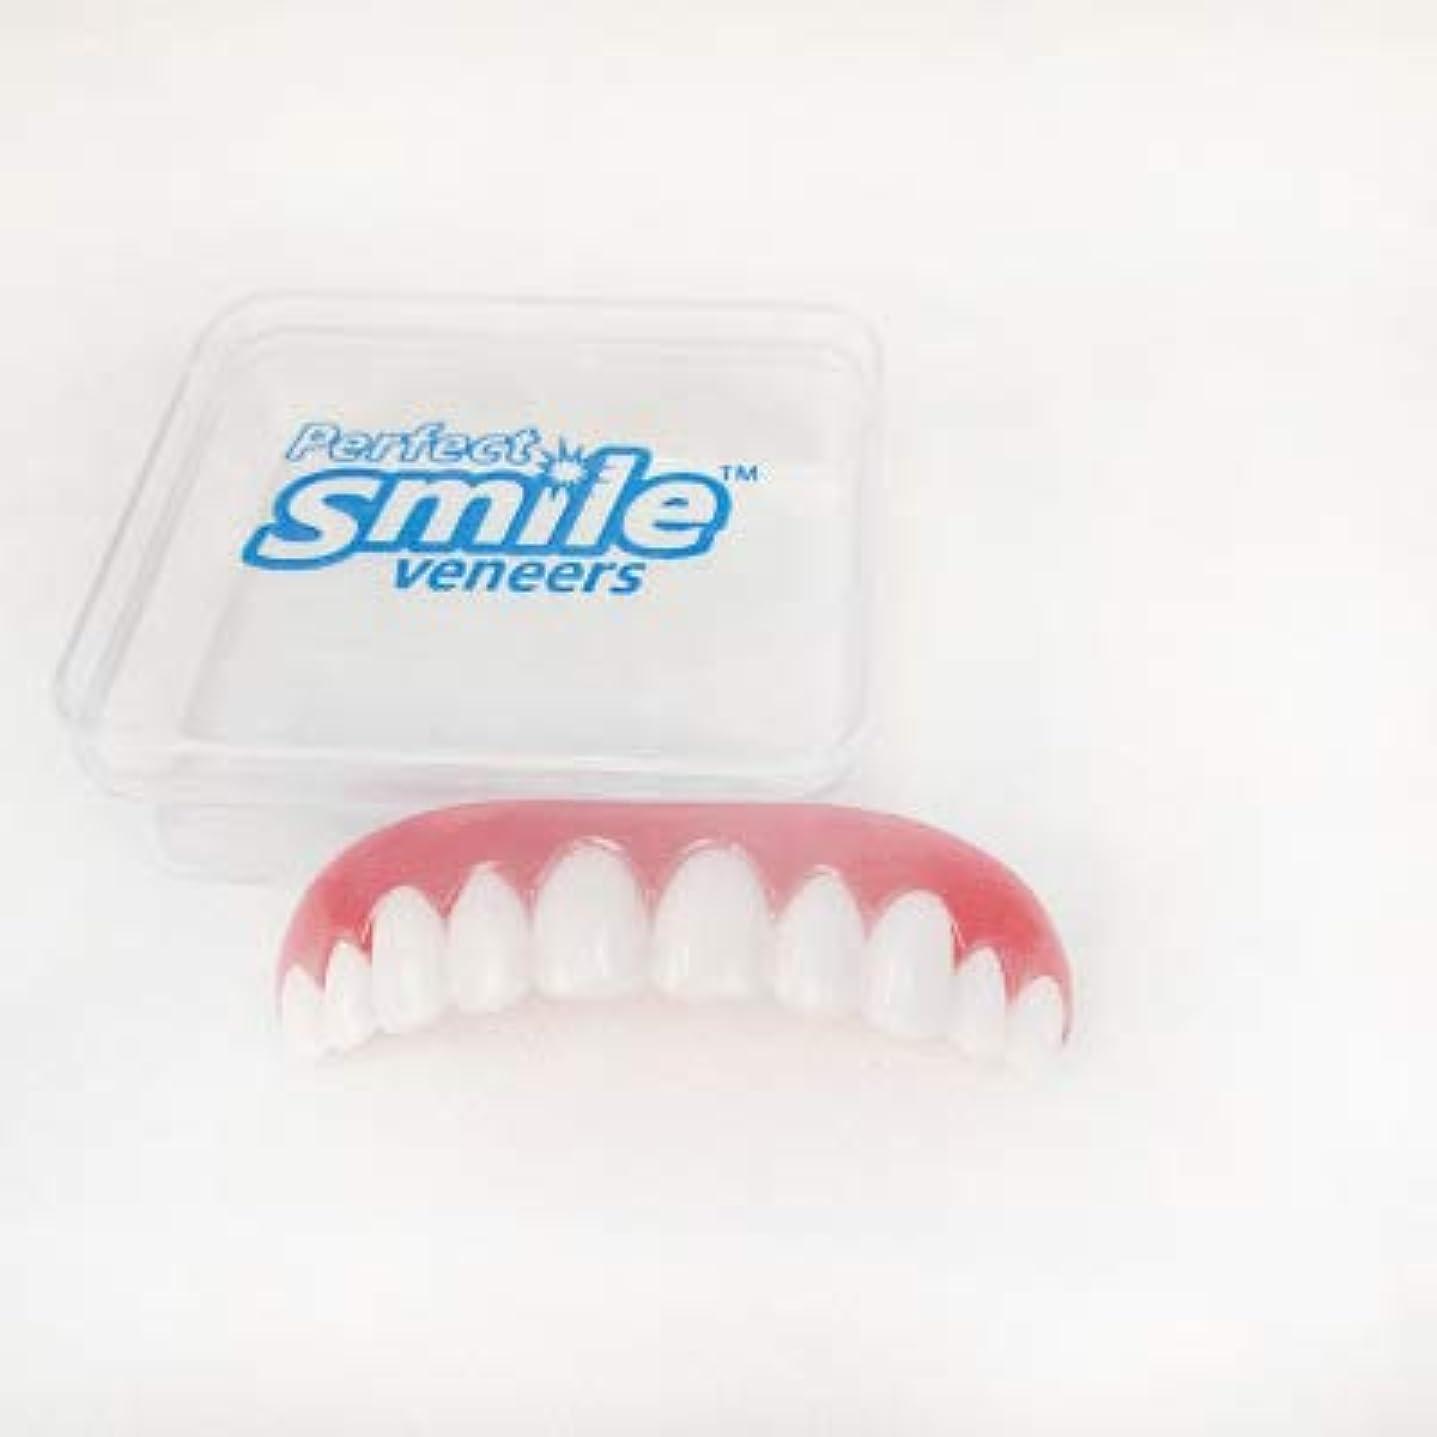 3セット、化粧品の歯、白い歯をきれいにするコンフォートフィットフレックス歯ソケット、化粧品の歯義歯の歯のトップ化粧品